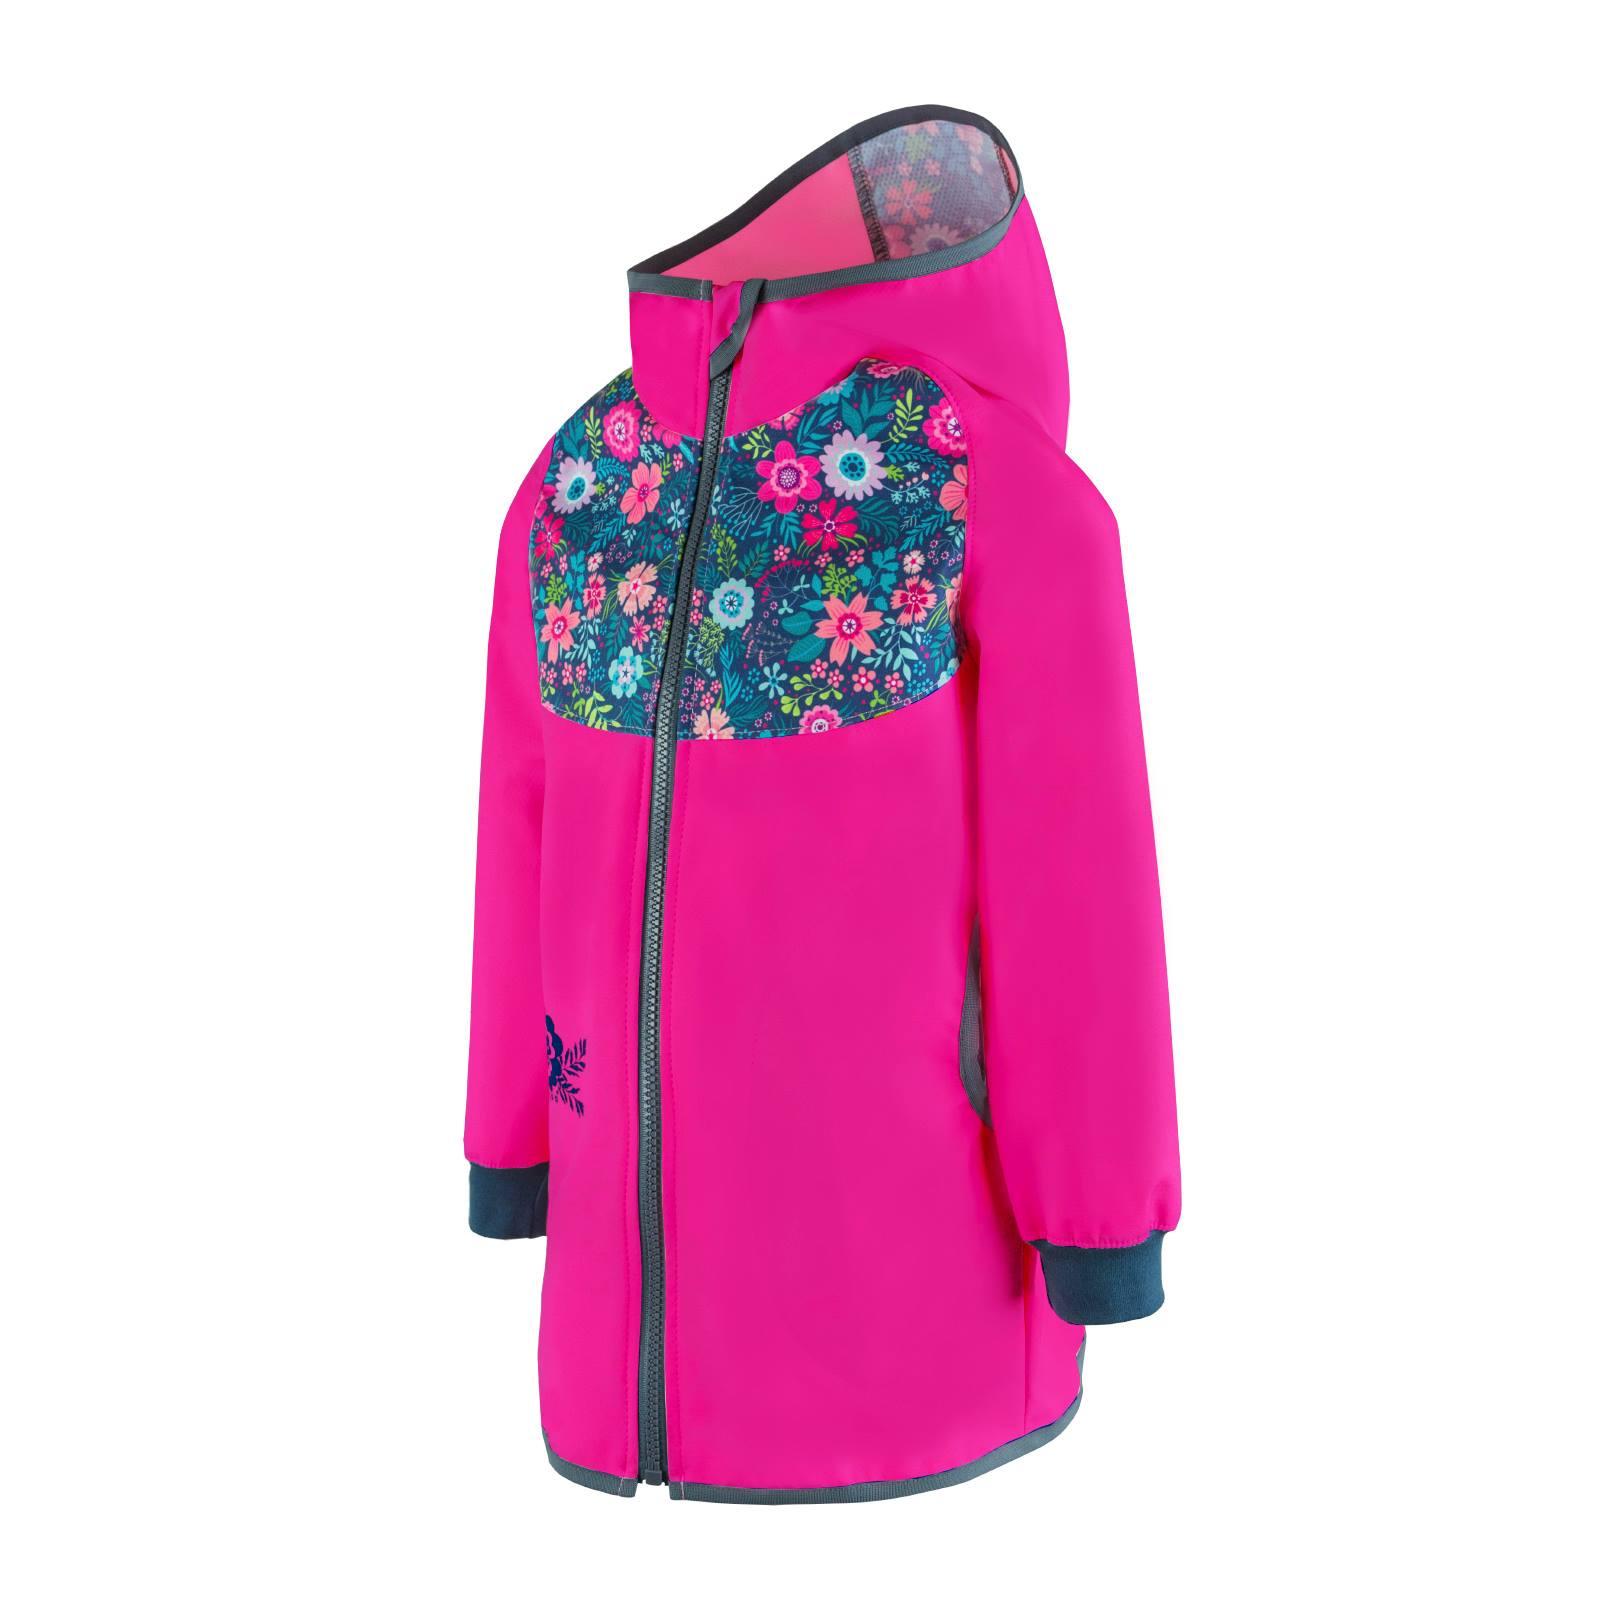 unuo Softshellový kabátek bez zateplení Květinky, Fuchsiová (Unuo softshell spring coat printed) Vel